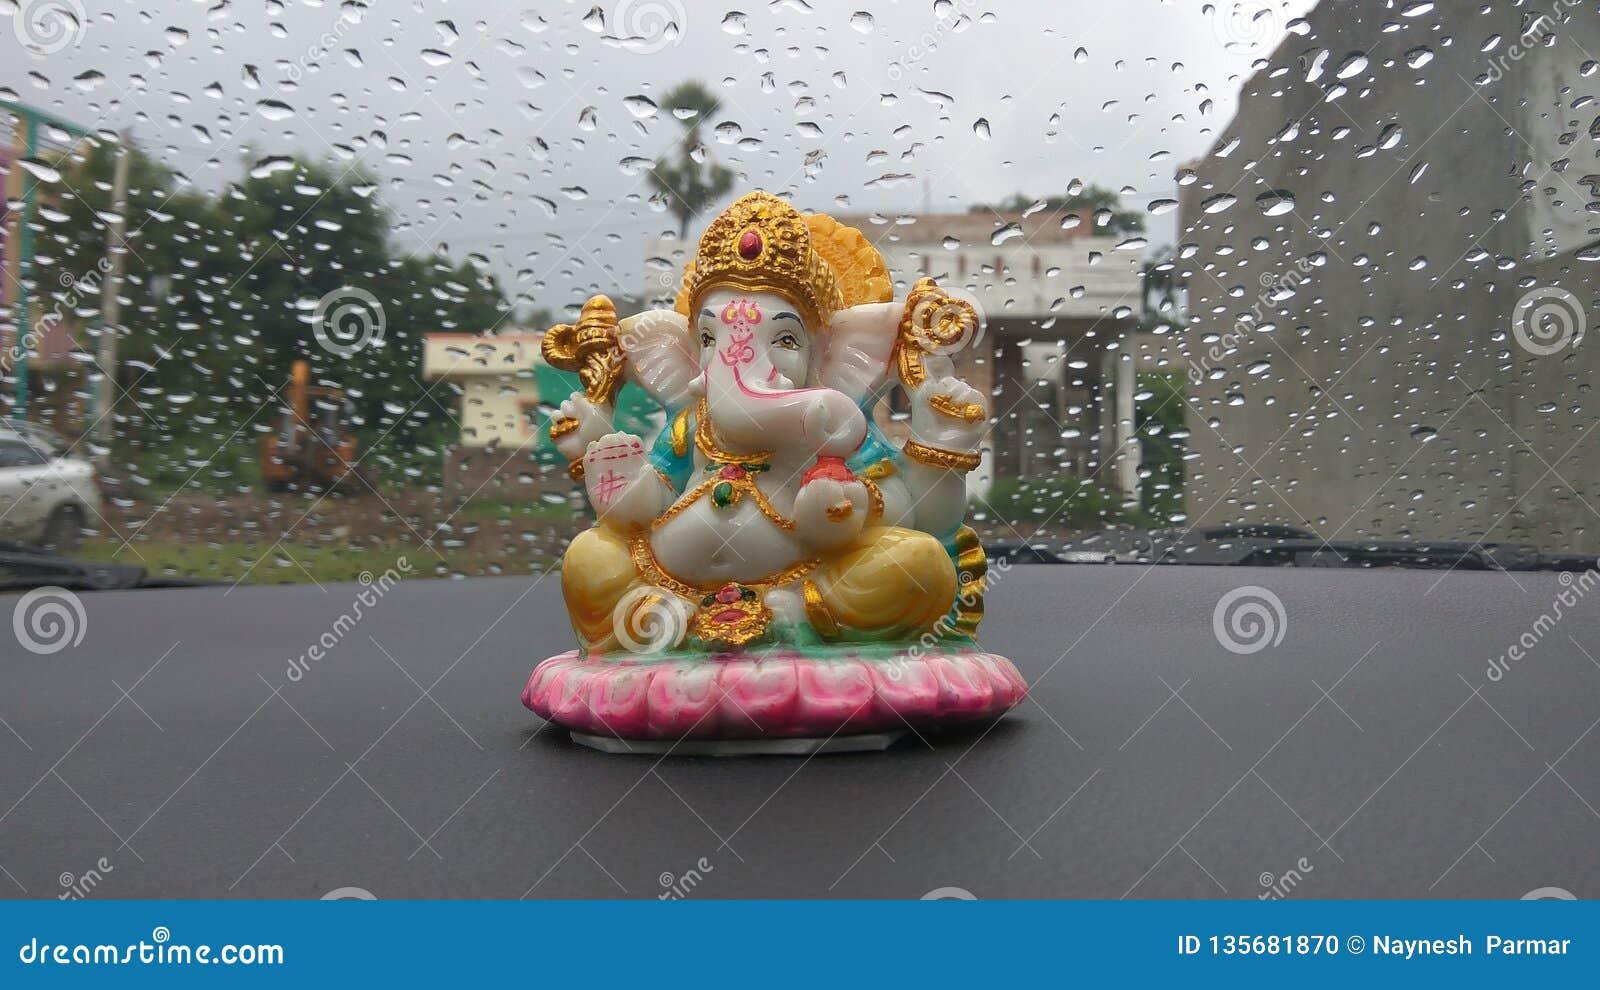 Lord Ganesha Idol In Car With Rain Drew Background Editorial